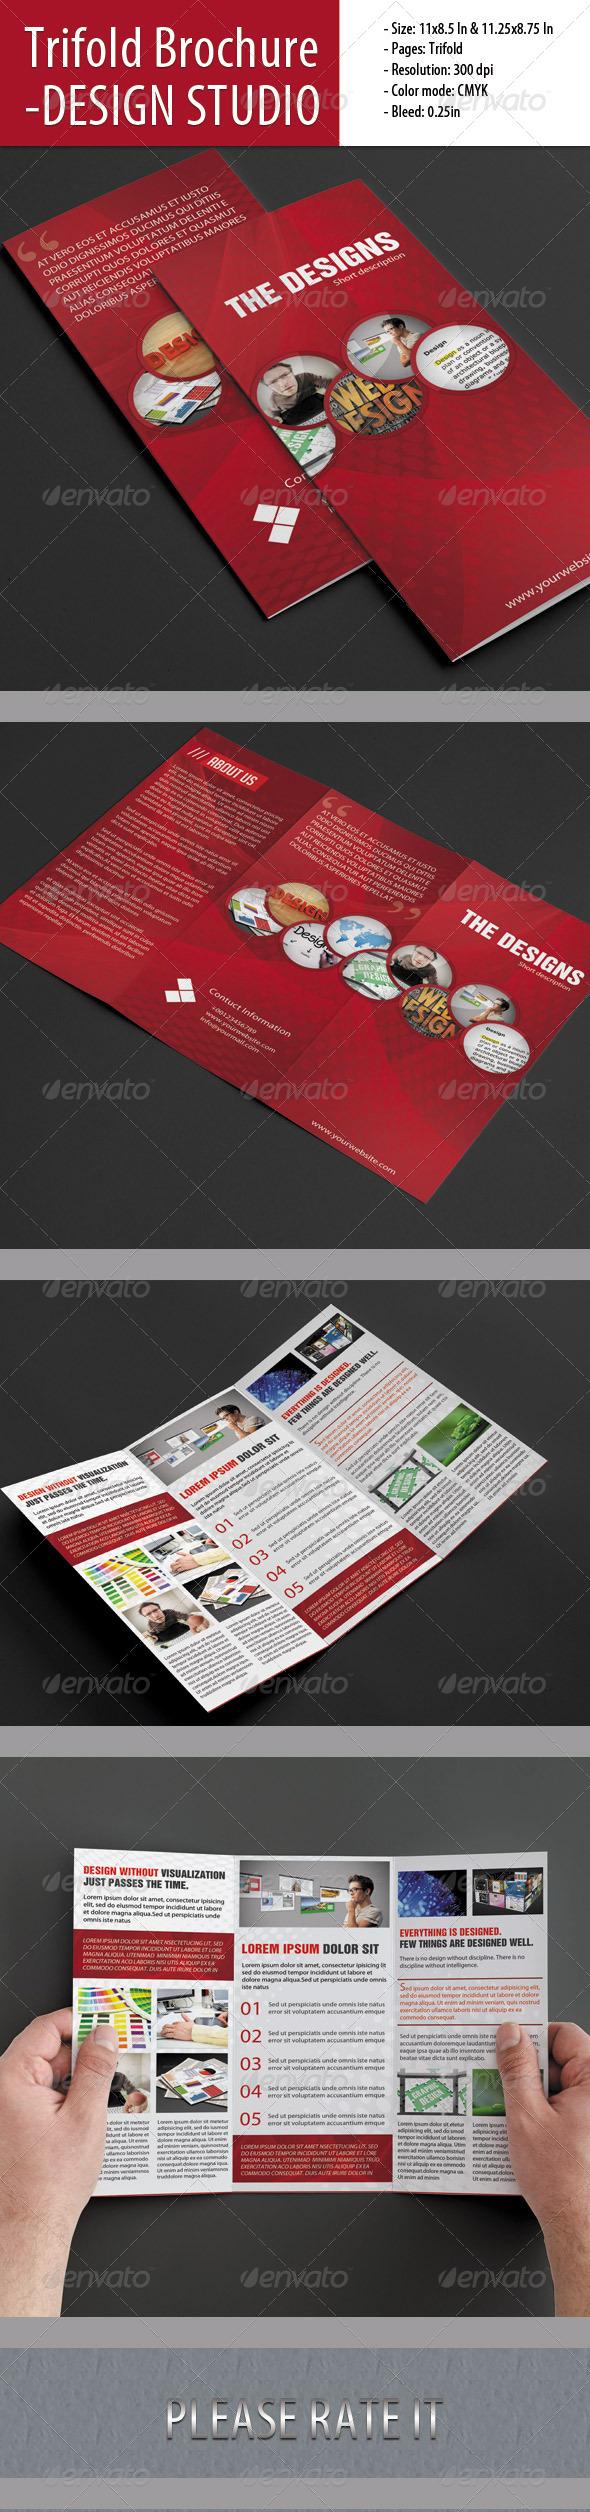 GraphicRiver Trifold Brochure For Design Studio 4864009